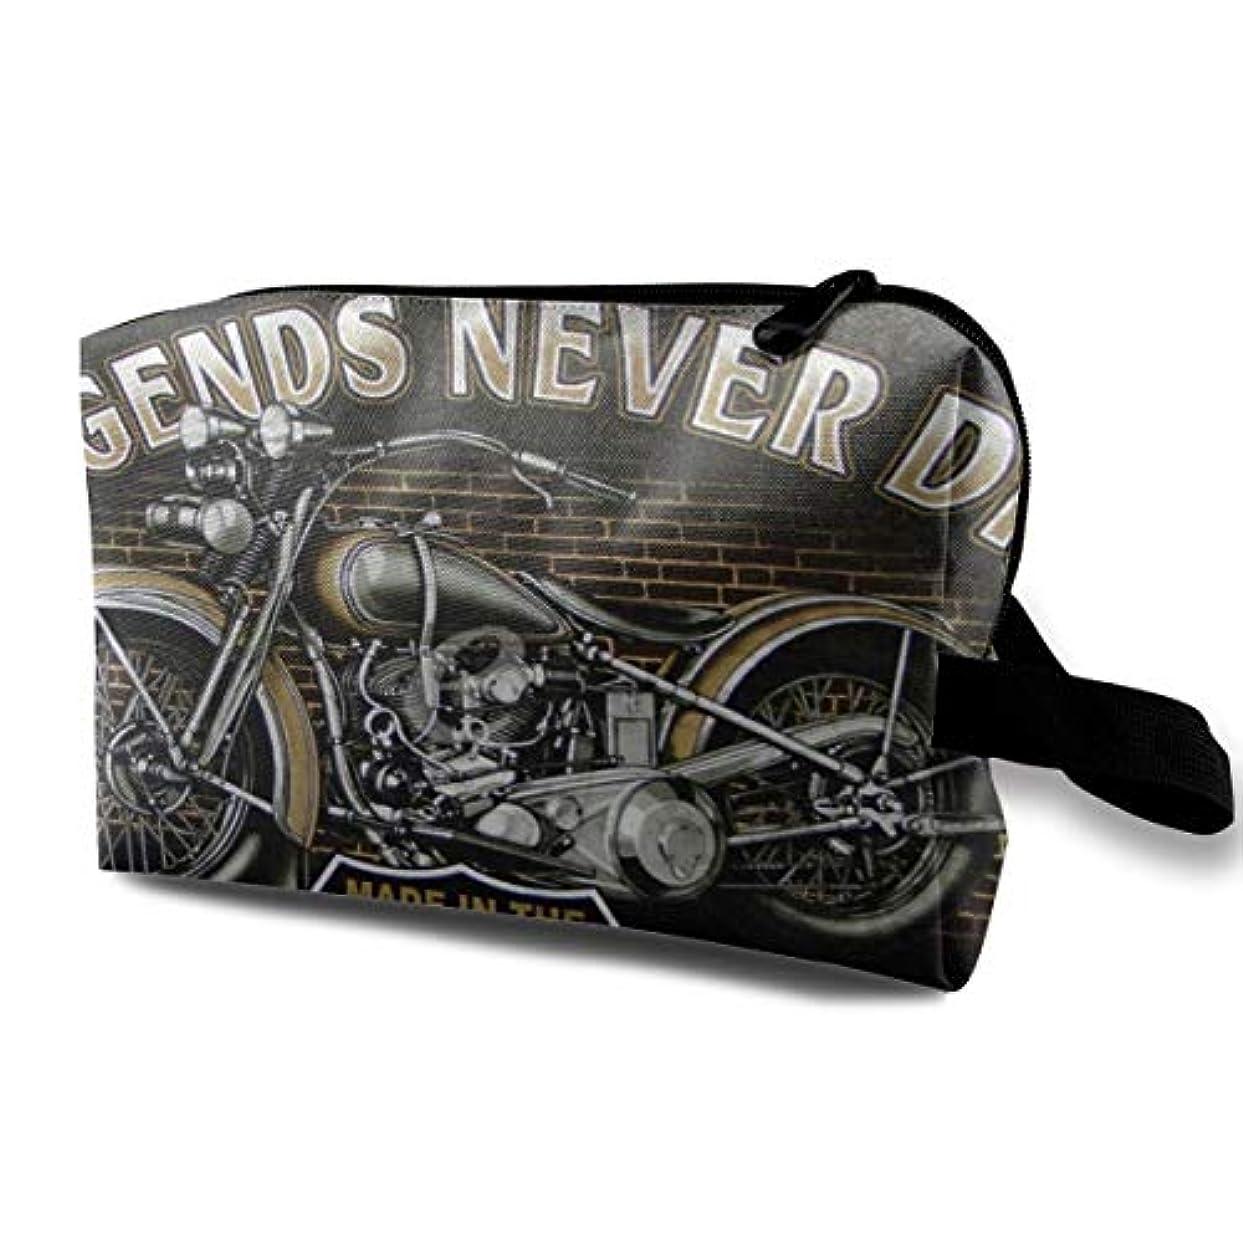 エントリ広告するアナニバーRetro Style Motorcycle 収納ポーチ 化粧ポーチ 大容量 軽量 耐久性 ハンドル付持ち運び便利。入れ 自宅?出張?旅行?アウトドア撮影などに対応。メンズ レディース トラベルグッズ